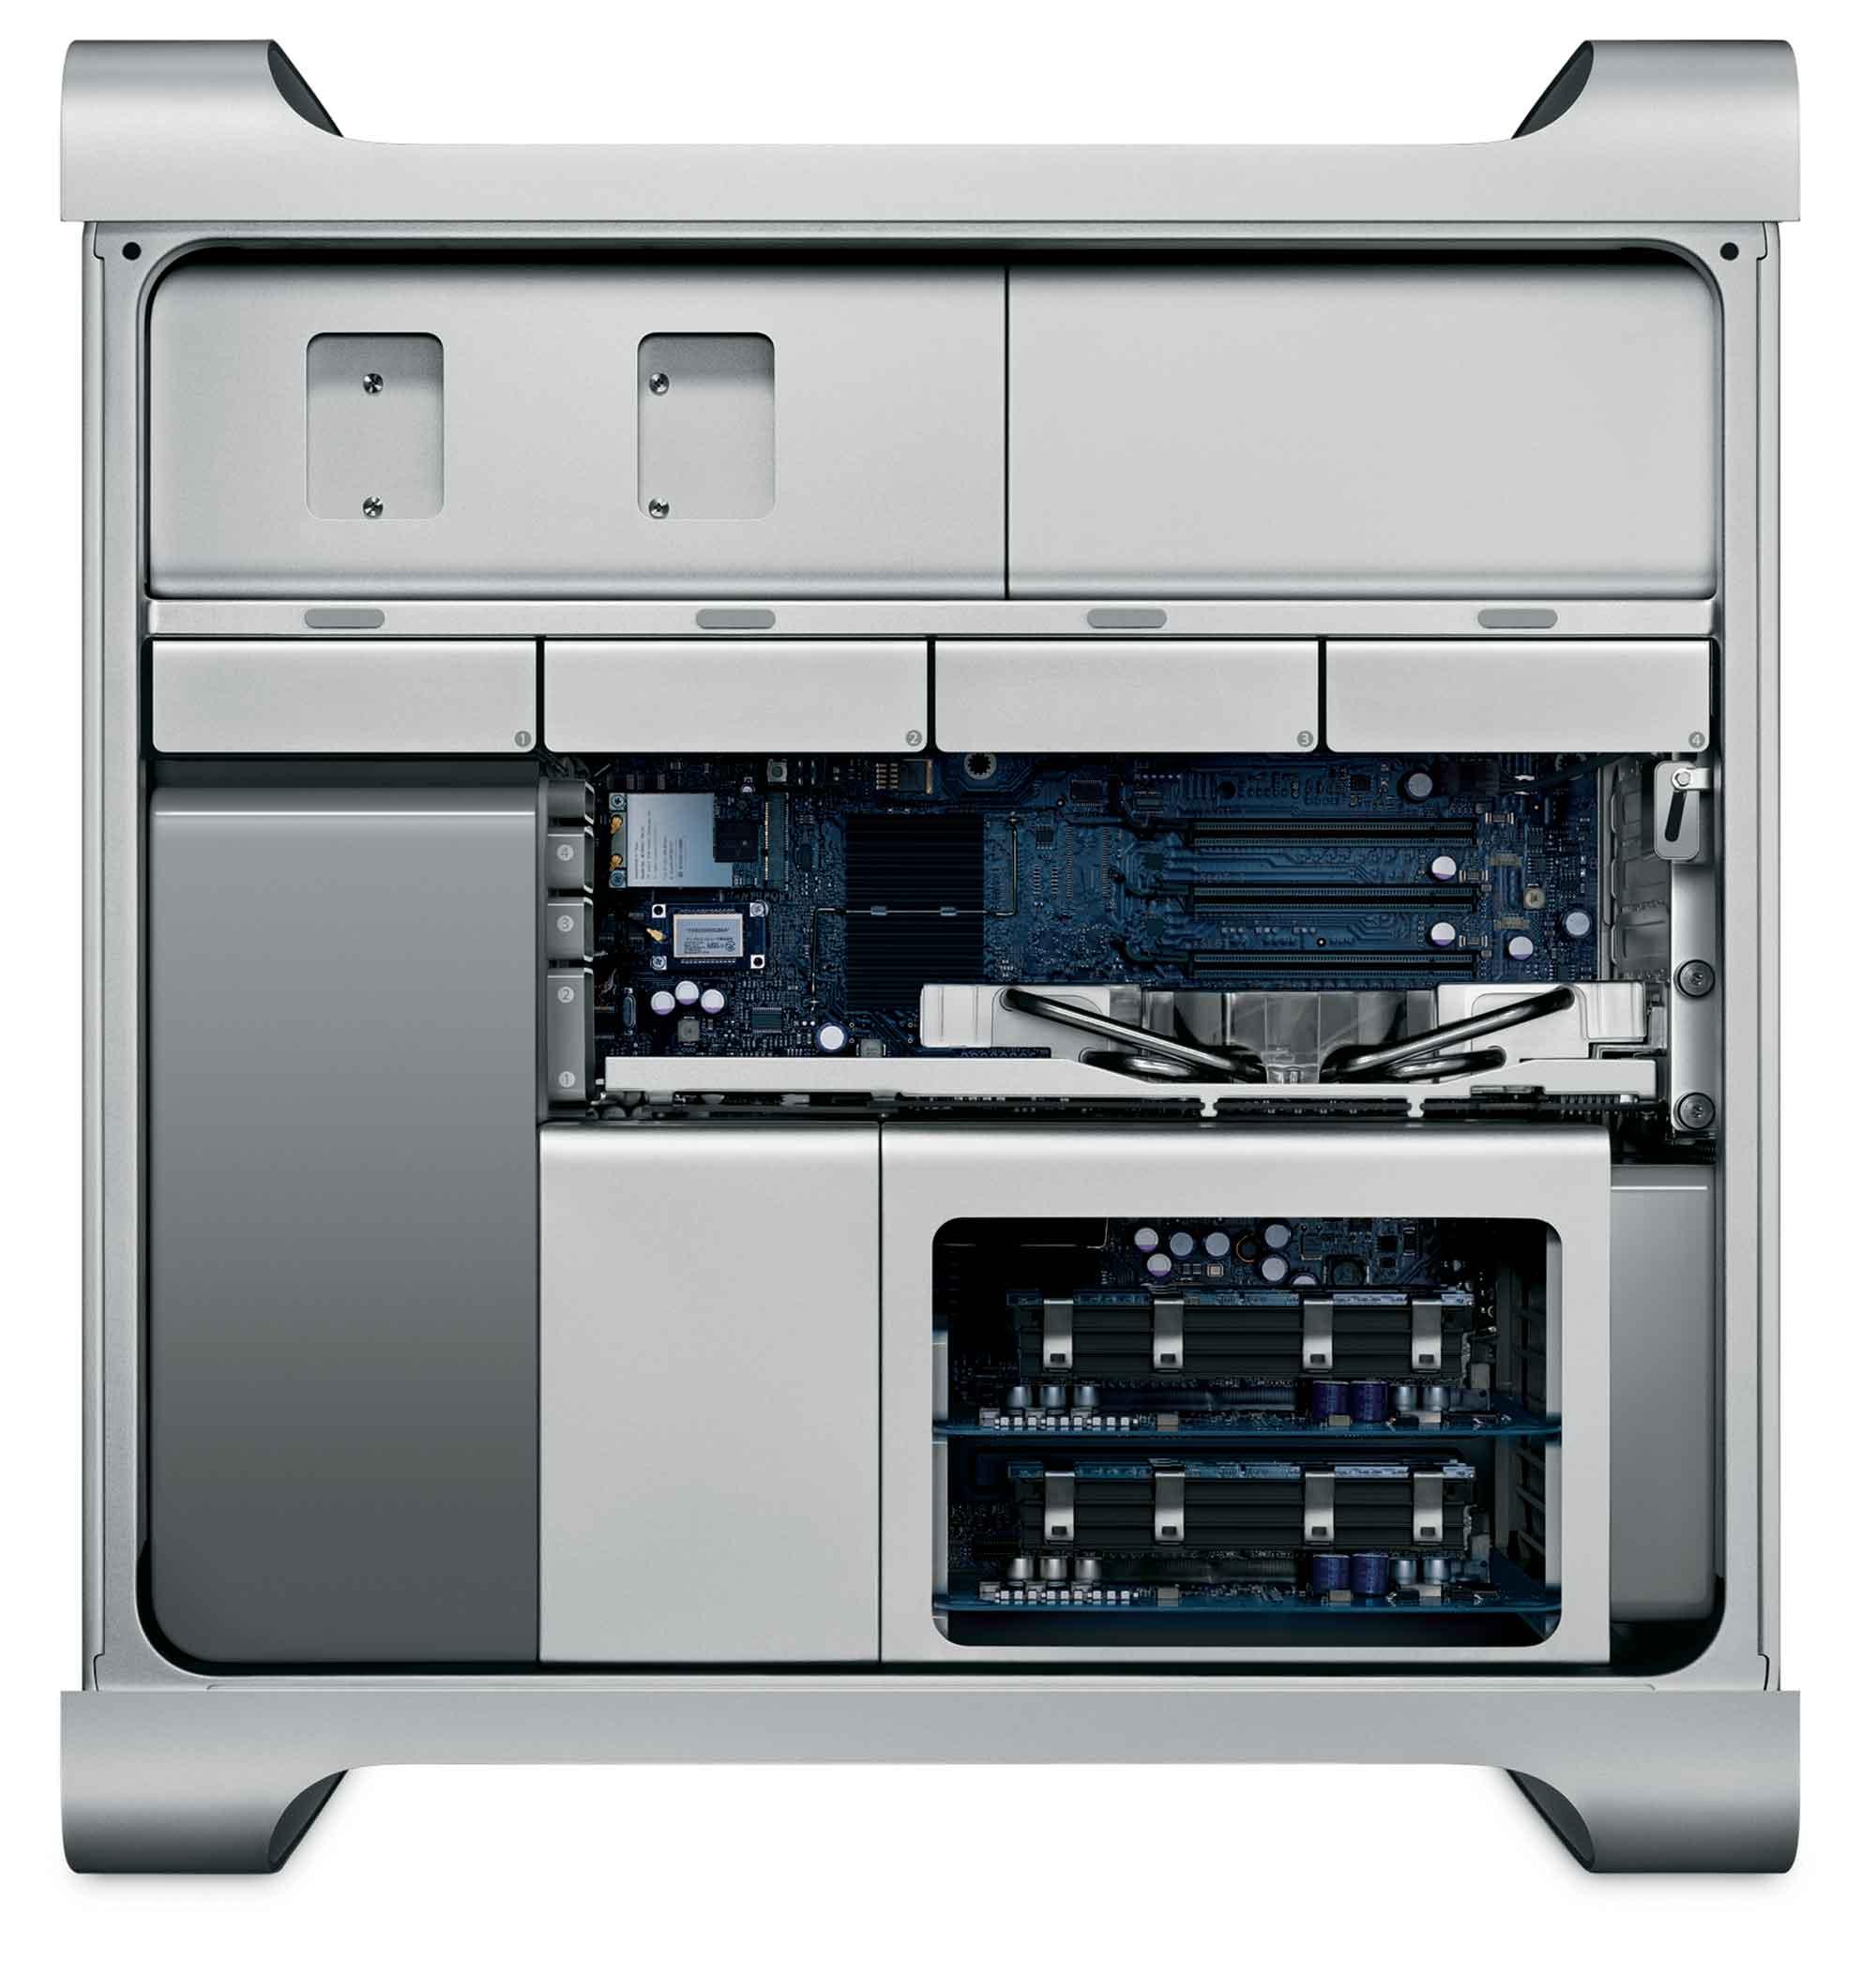 macpro inside - Nový Mac Pro, bude nebo ne?